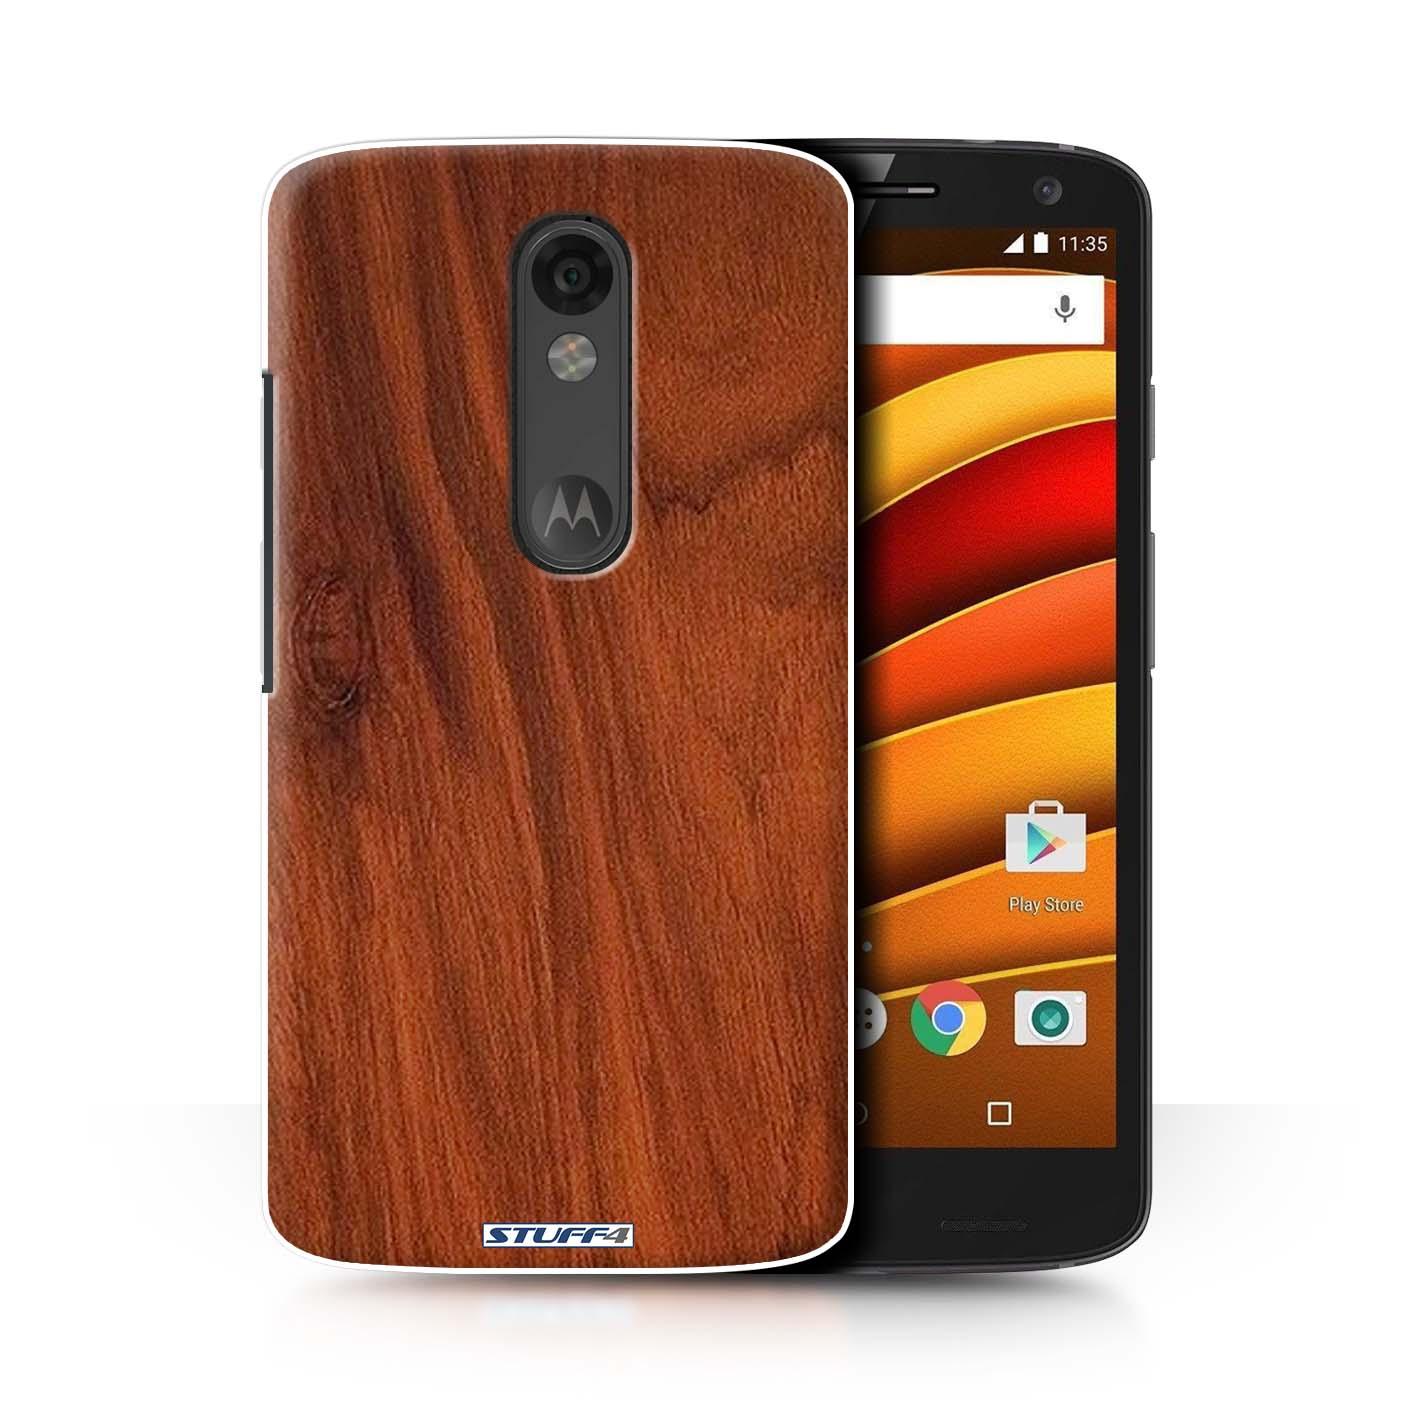 Stuff4-fundas-para-telefono-Motorola-E-G-Smartphone-Madera-Grano-Efecto